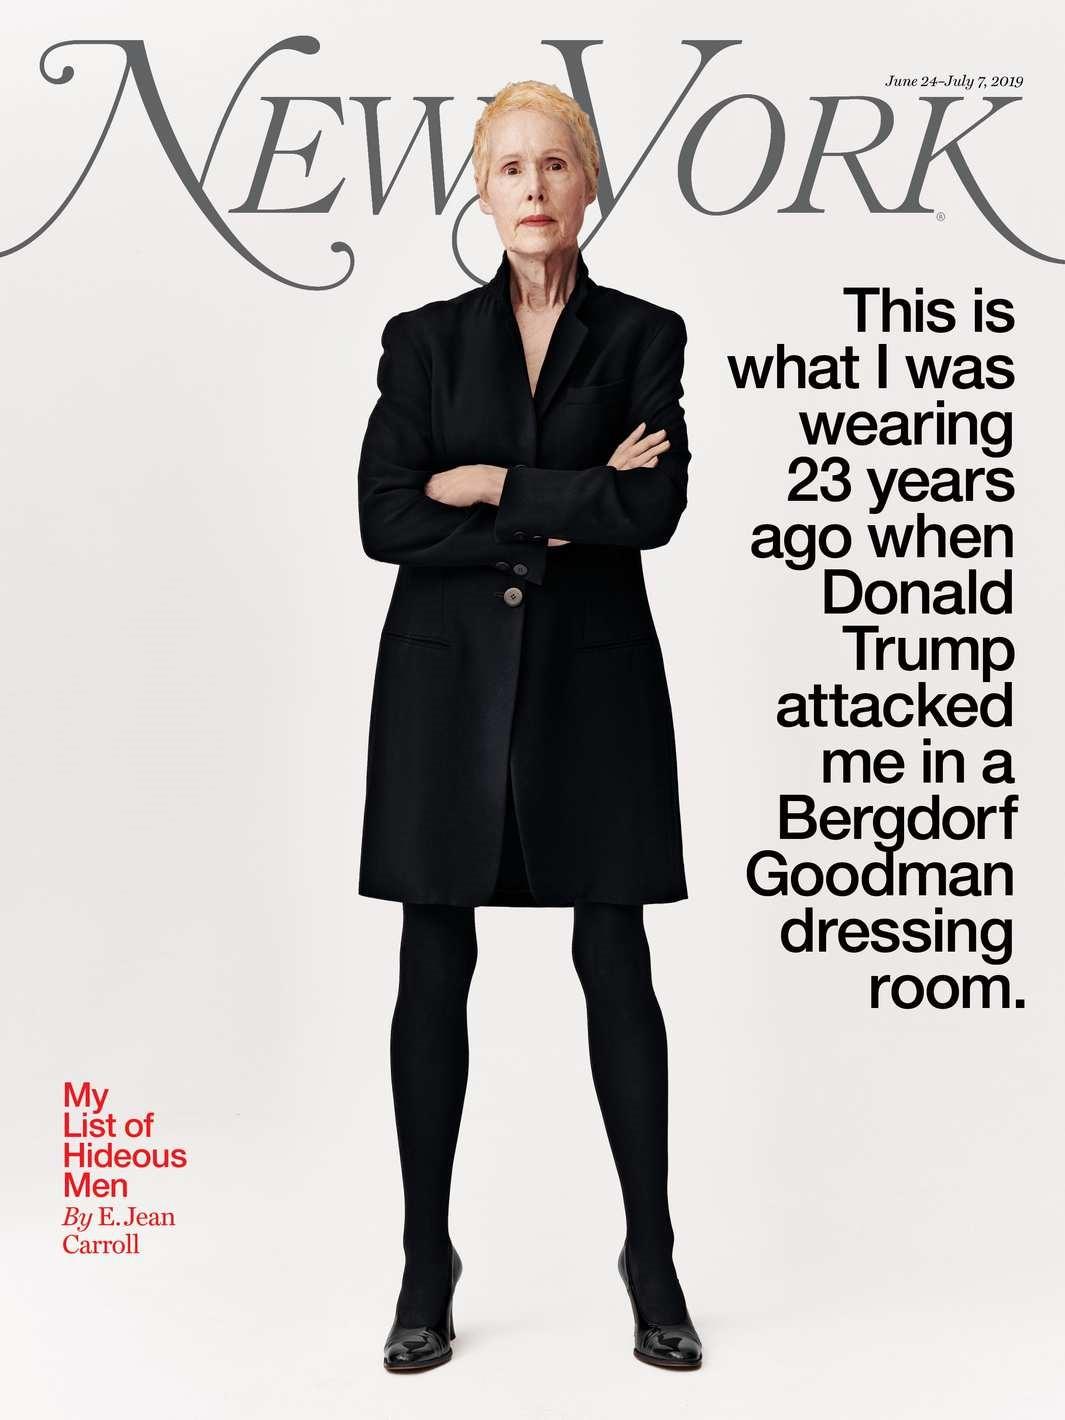 最新一期《纽约》杂志的封面故事。卡罗尔声称,23年前遭到特朗普性侵时,自己就穿着这身大衣连裙。